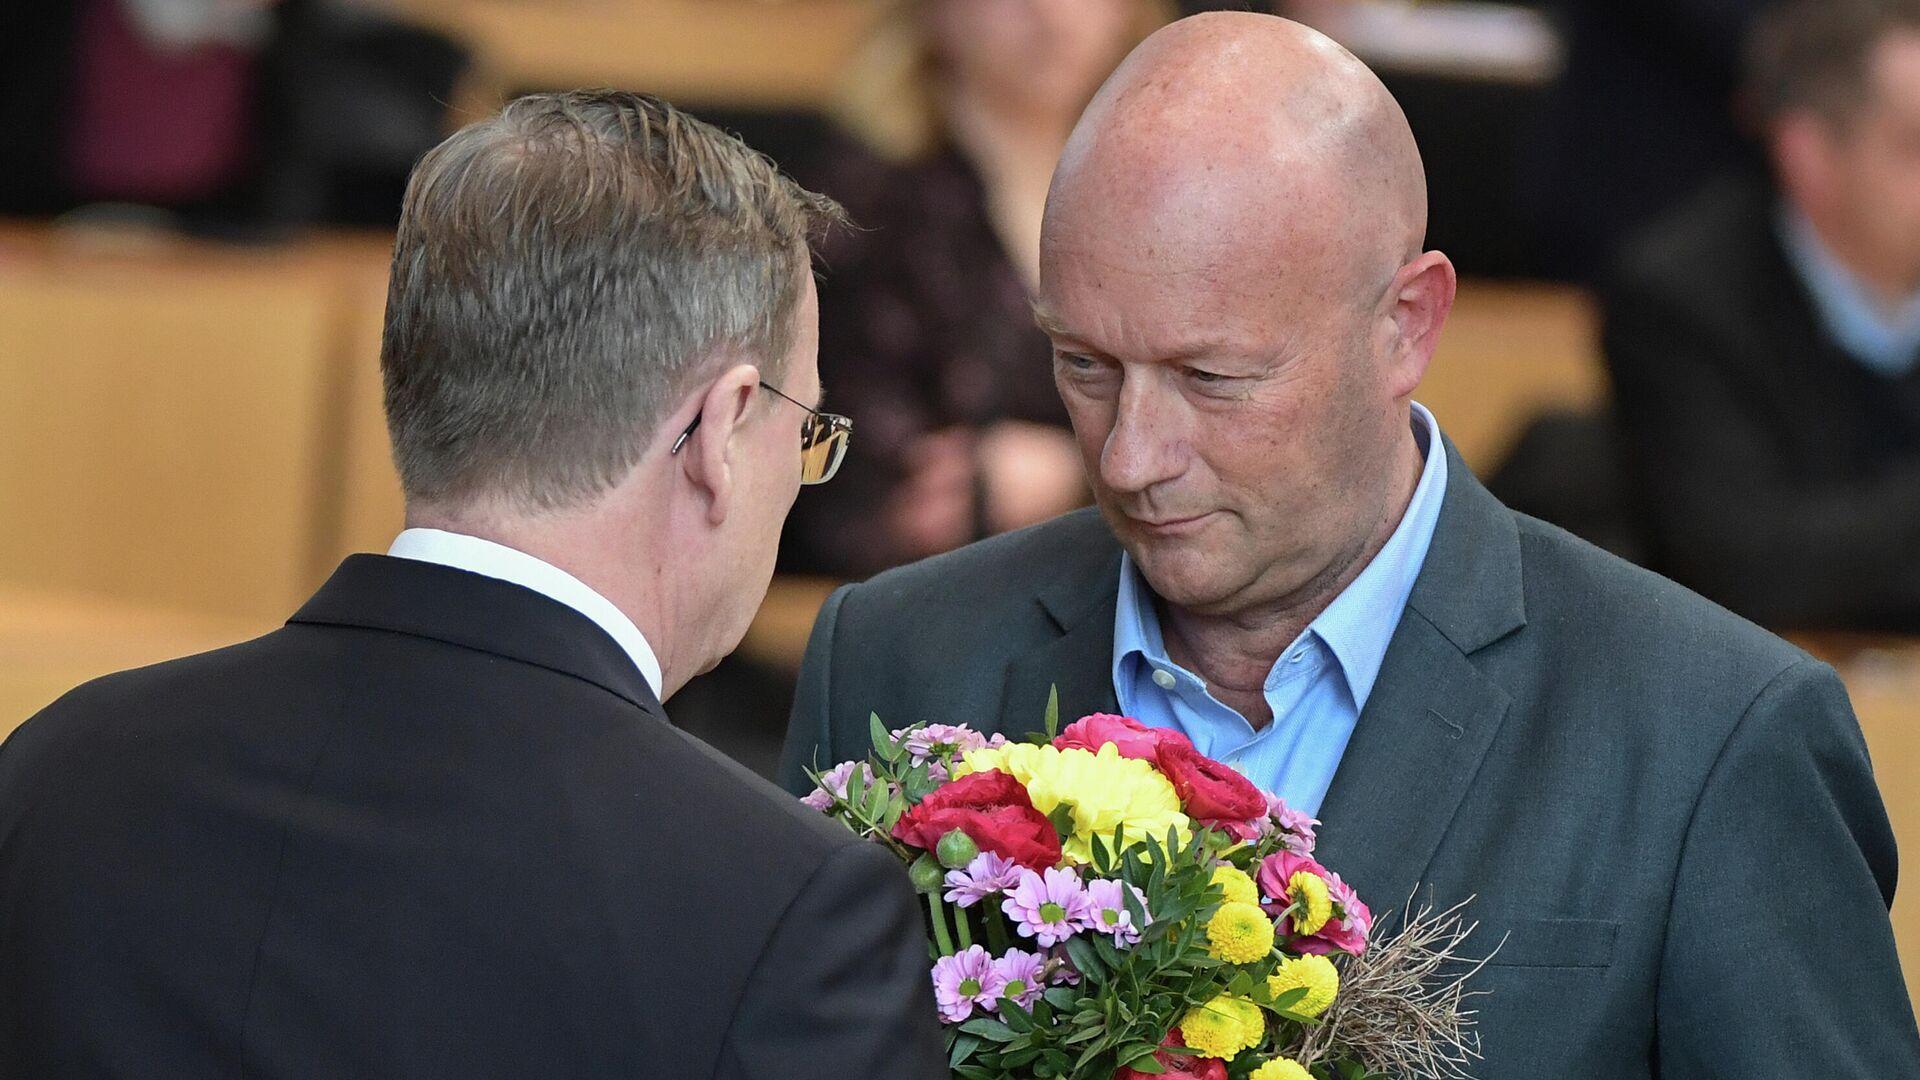 Der zum Thüringer Ministerpräsidenten frisch gewählte Linkspolitiker Bodo Ramelow bekomment Blumen von Thomas Kemmerich (FDP) in Erfurt am 4. März 2020. - SNA, 1920, 05.02.2021